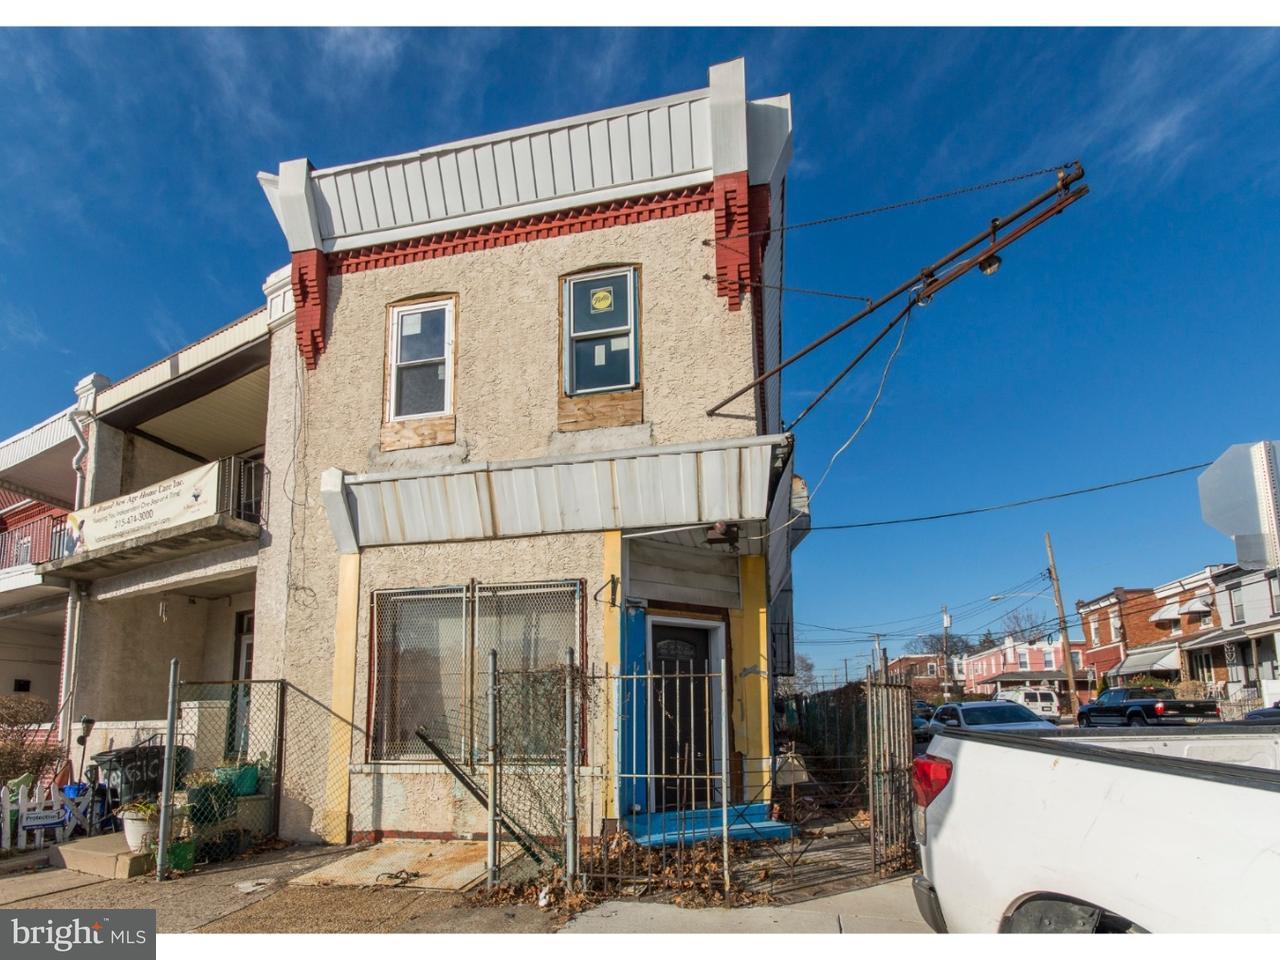 Μονοκατοικία για την Πώληση στο 6101 W THOMPSON Street Philadelphia, Πενσιλβανια 19151 Ηνωμενεσ Πολιτειεσ